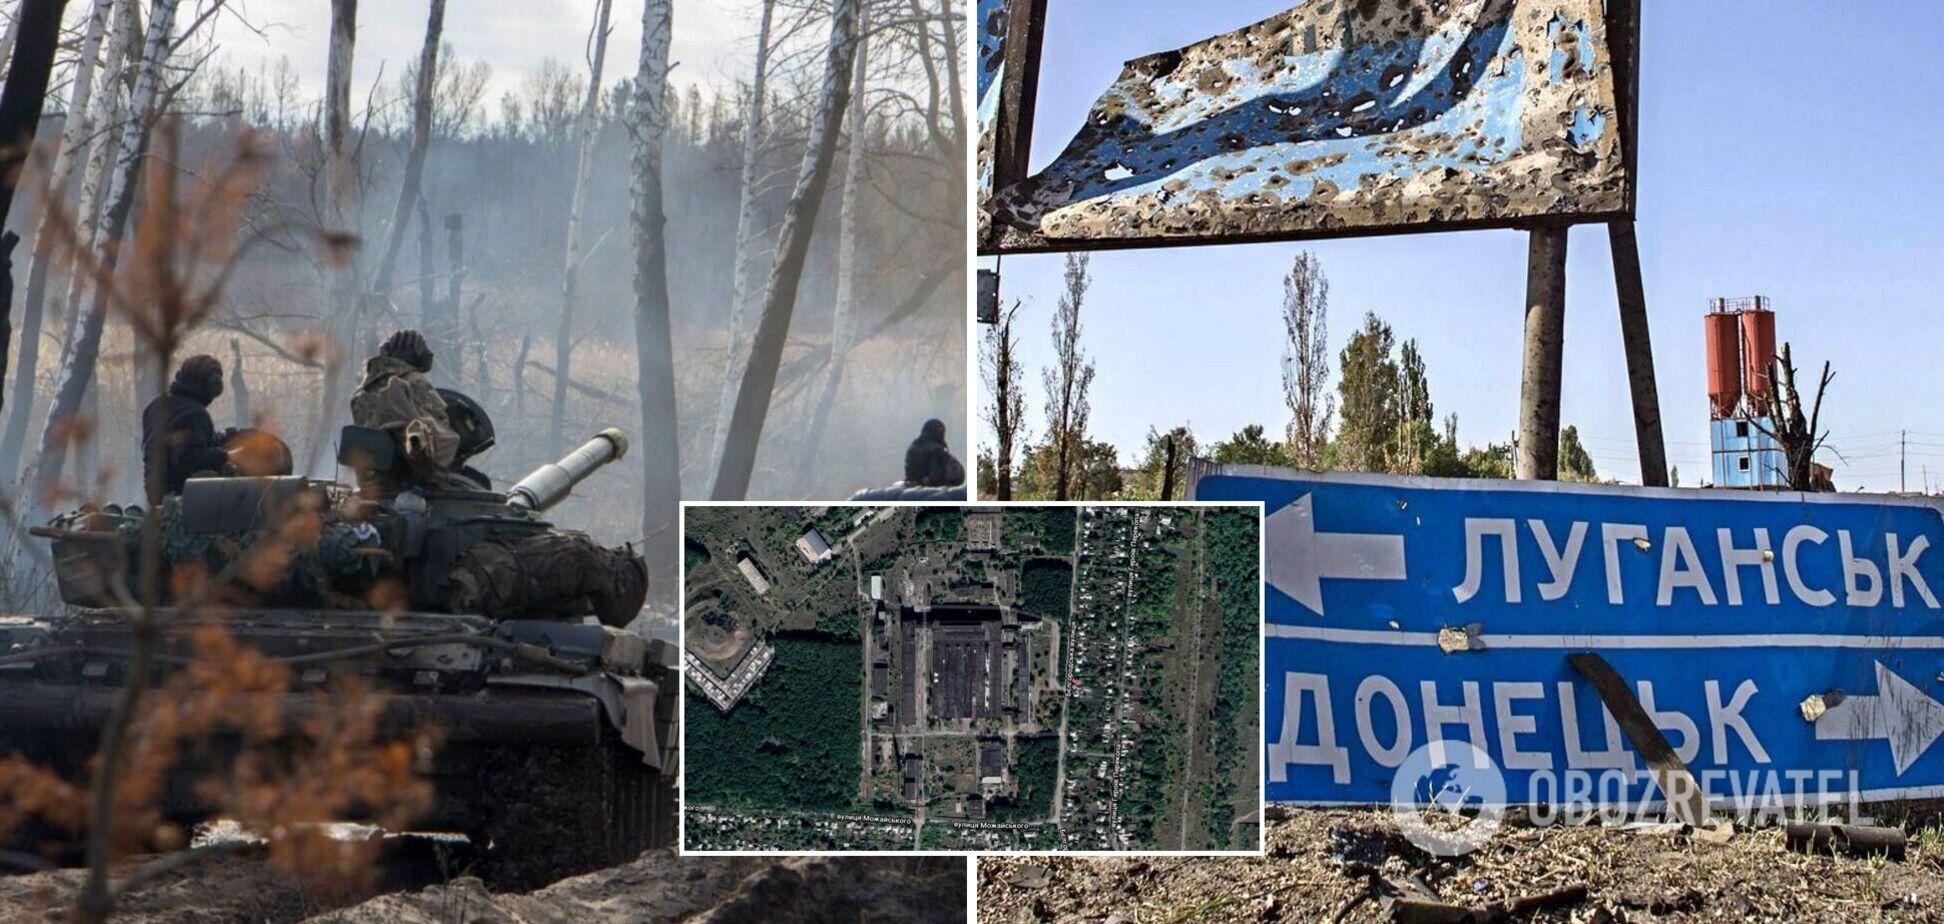 За 7 лет войны пора выучить: на нас напала РФ, нас убивает РФ, нас оккупировала РФ